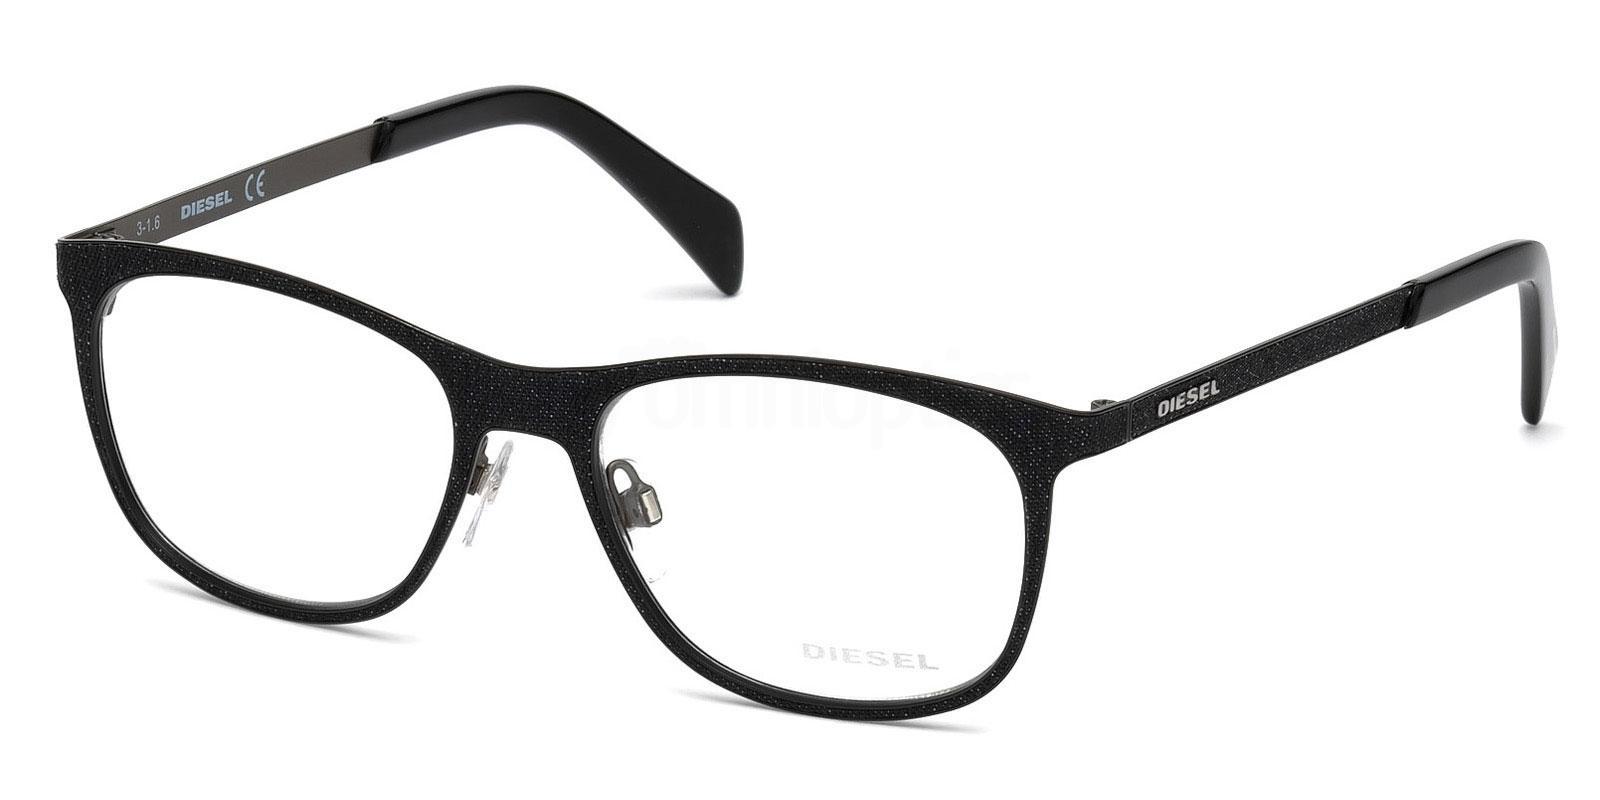 005 DL5220 Glasses, Diesel